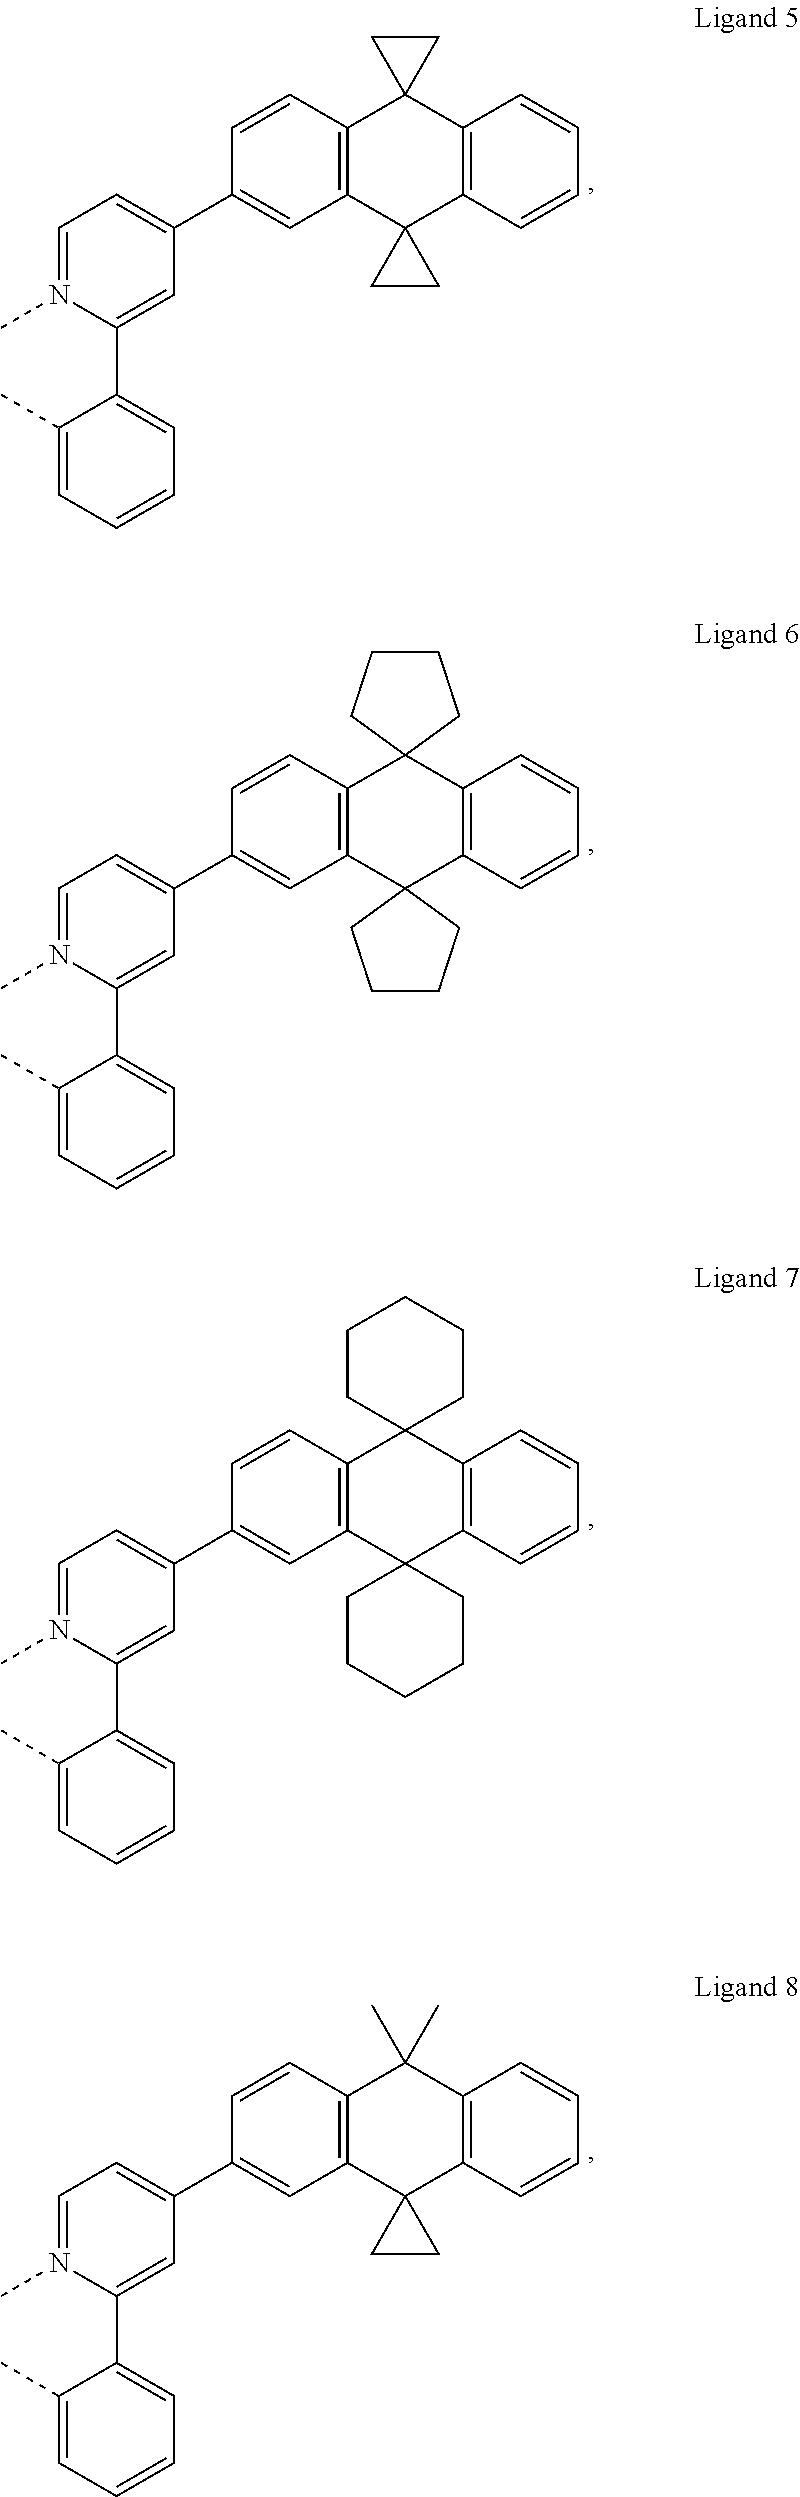 Figure US20180130962A1-20180510-C00031